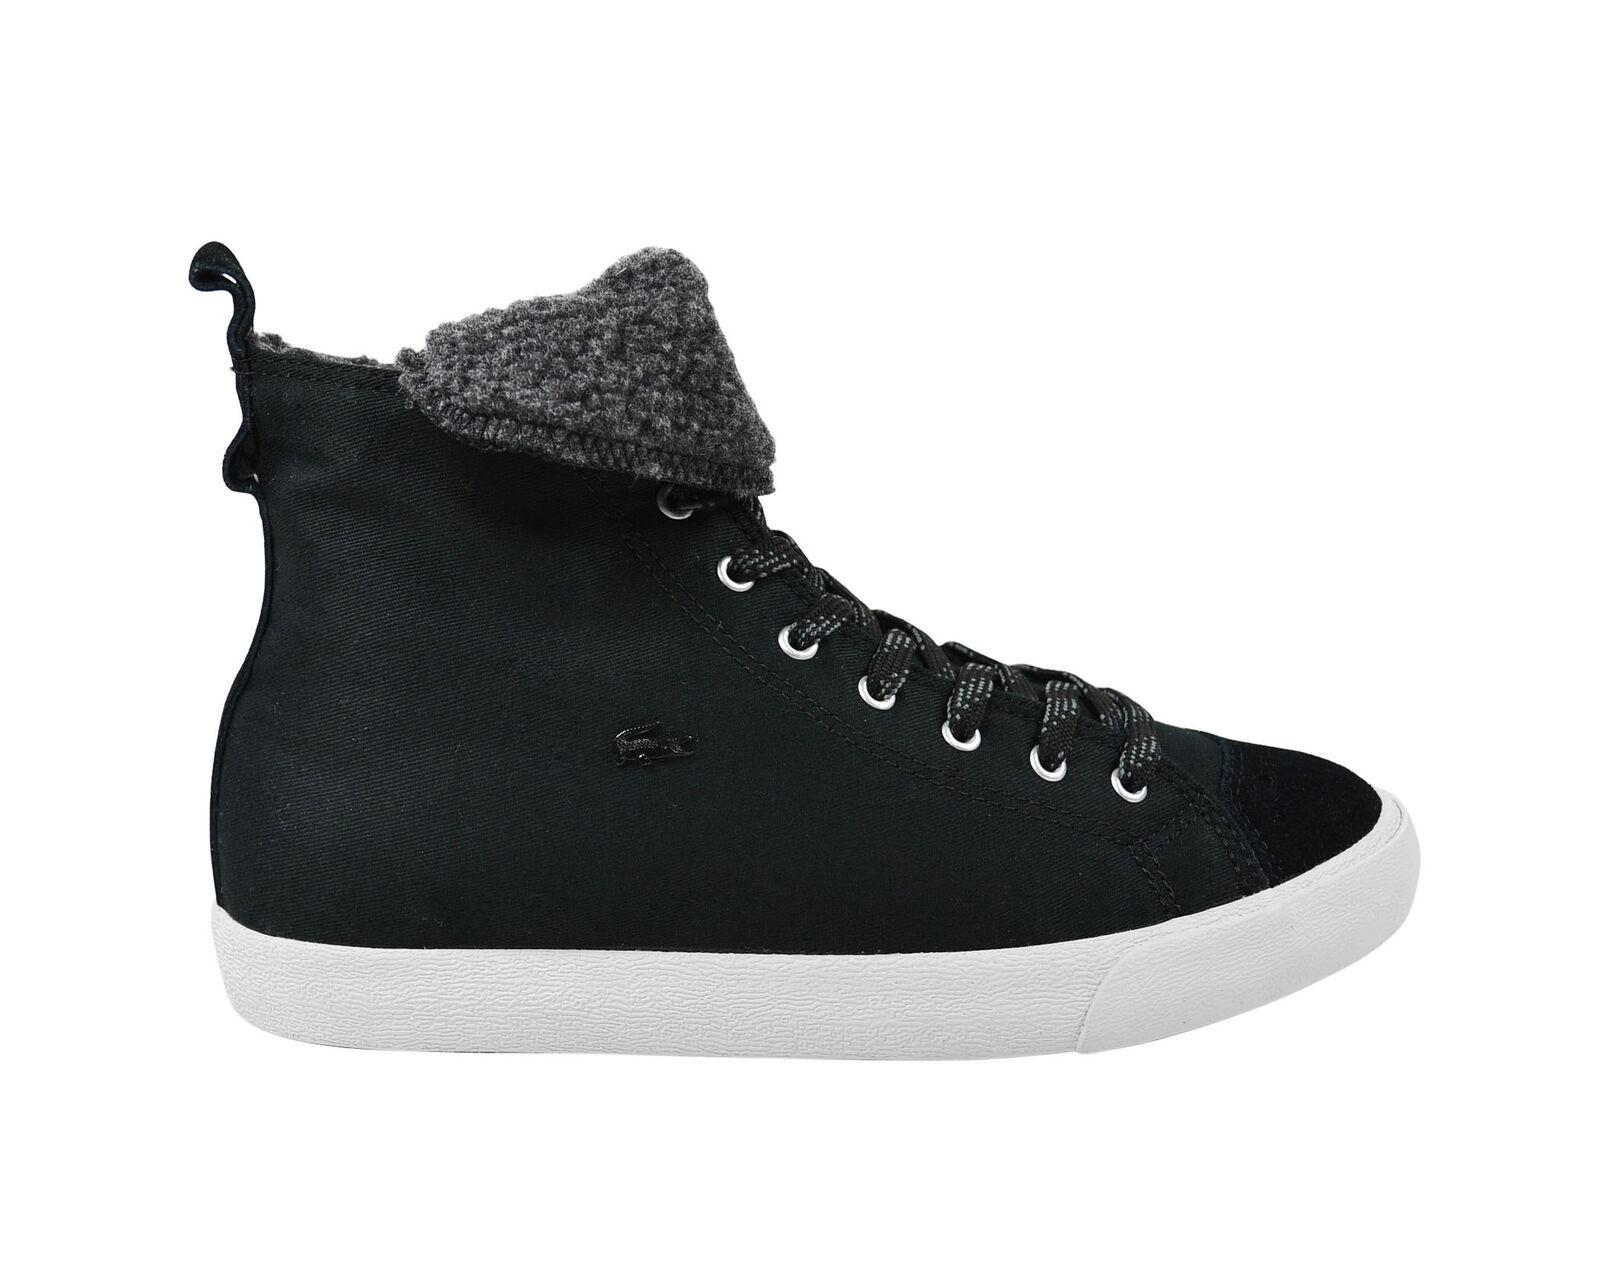 Lacoste l27 outdoor mid SRW Black zapatos/cortos negro tamaños selección!